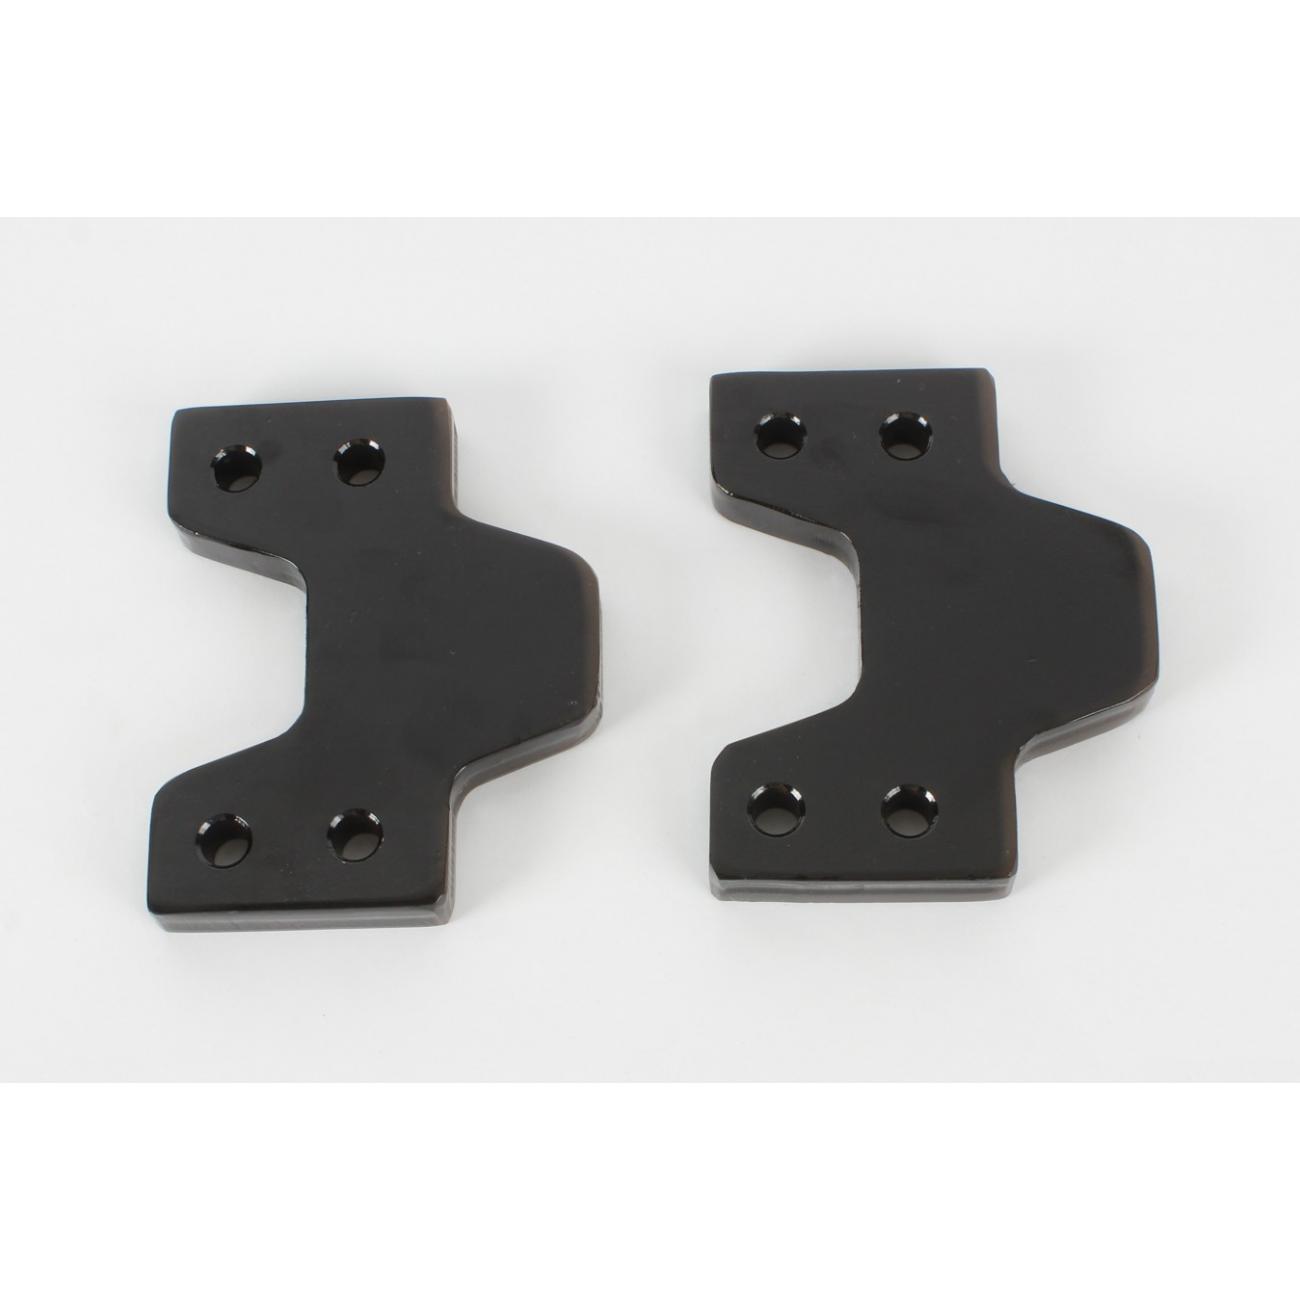 Abstandhalter 16mm Für Rhodium & Diamond (2 Stück)